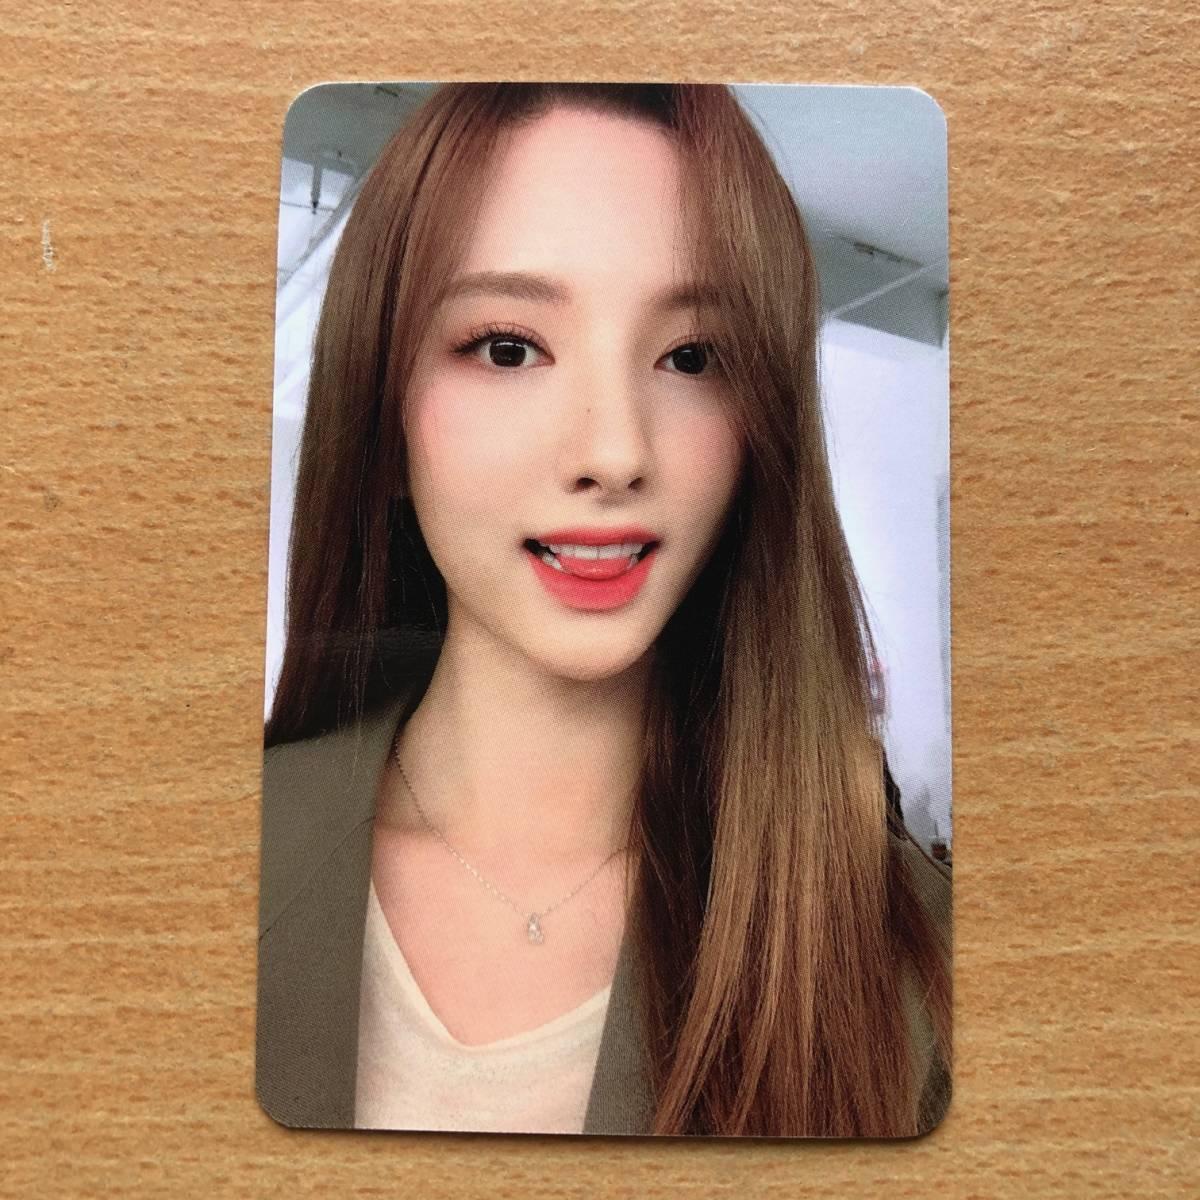 宇宙少女 WJSN 公式グッズ 1stPHOTO BOOK フォトブック『 ON 』 BONA(ボナ)  封入 フォトカード 韓国 K-POP_画像1